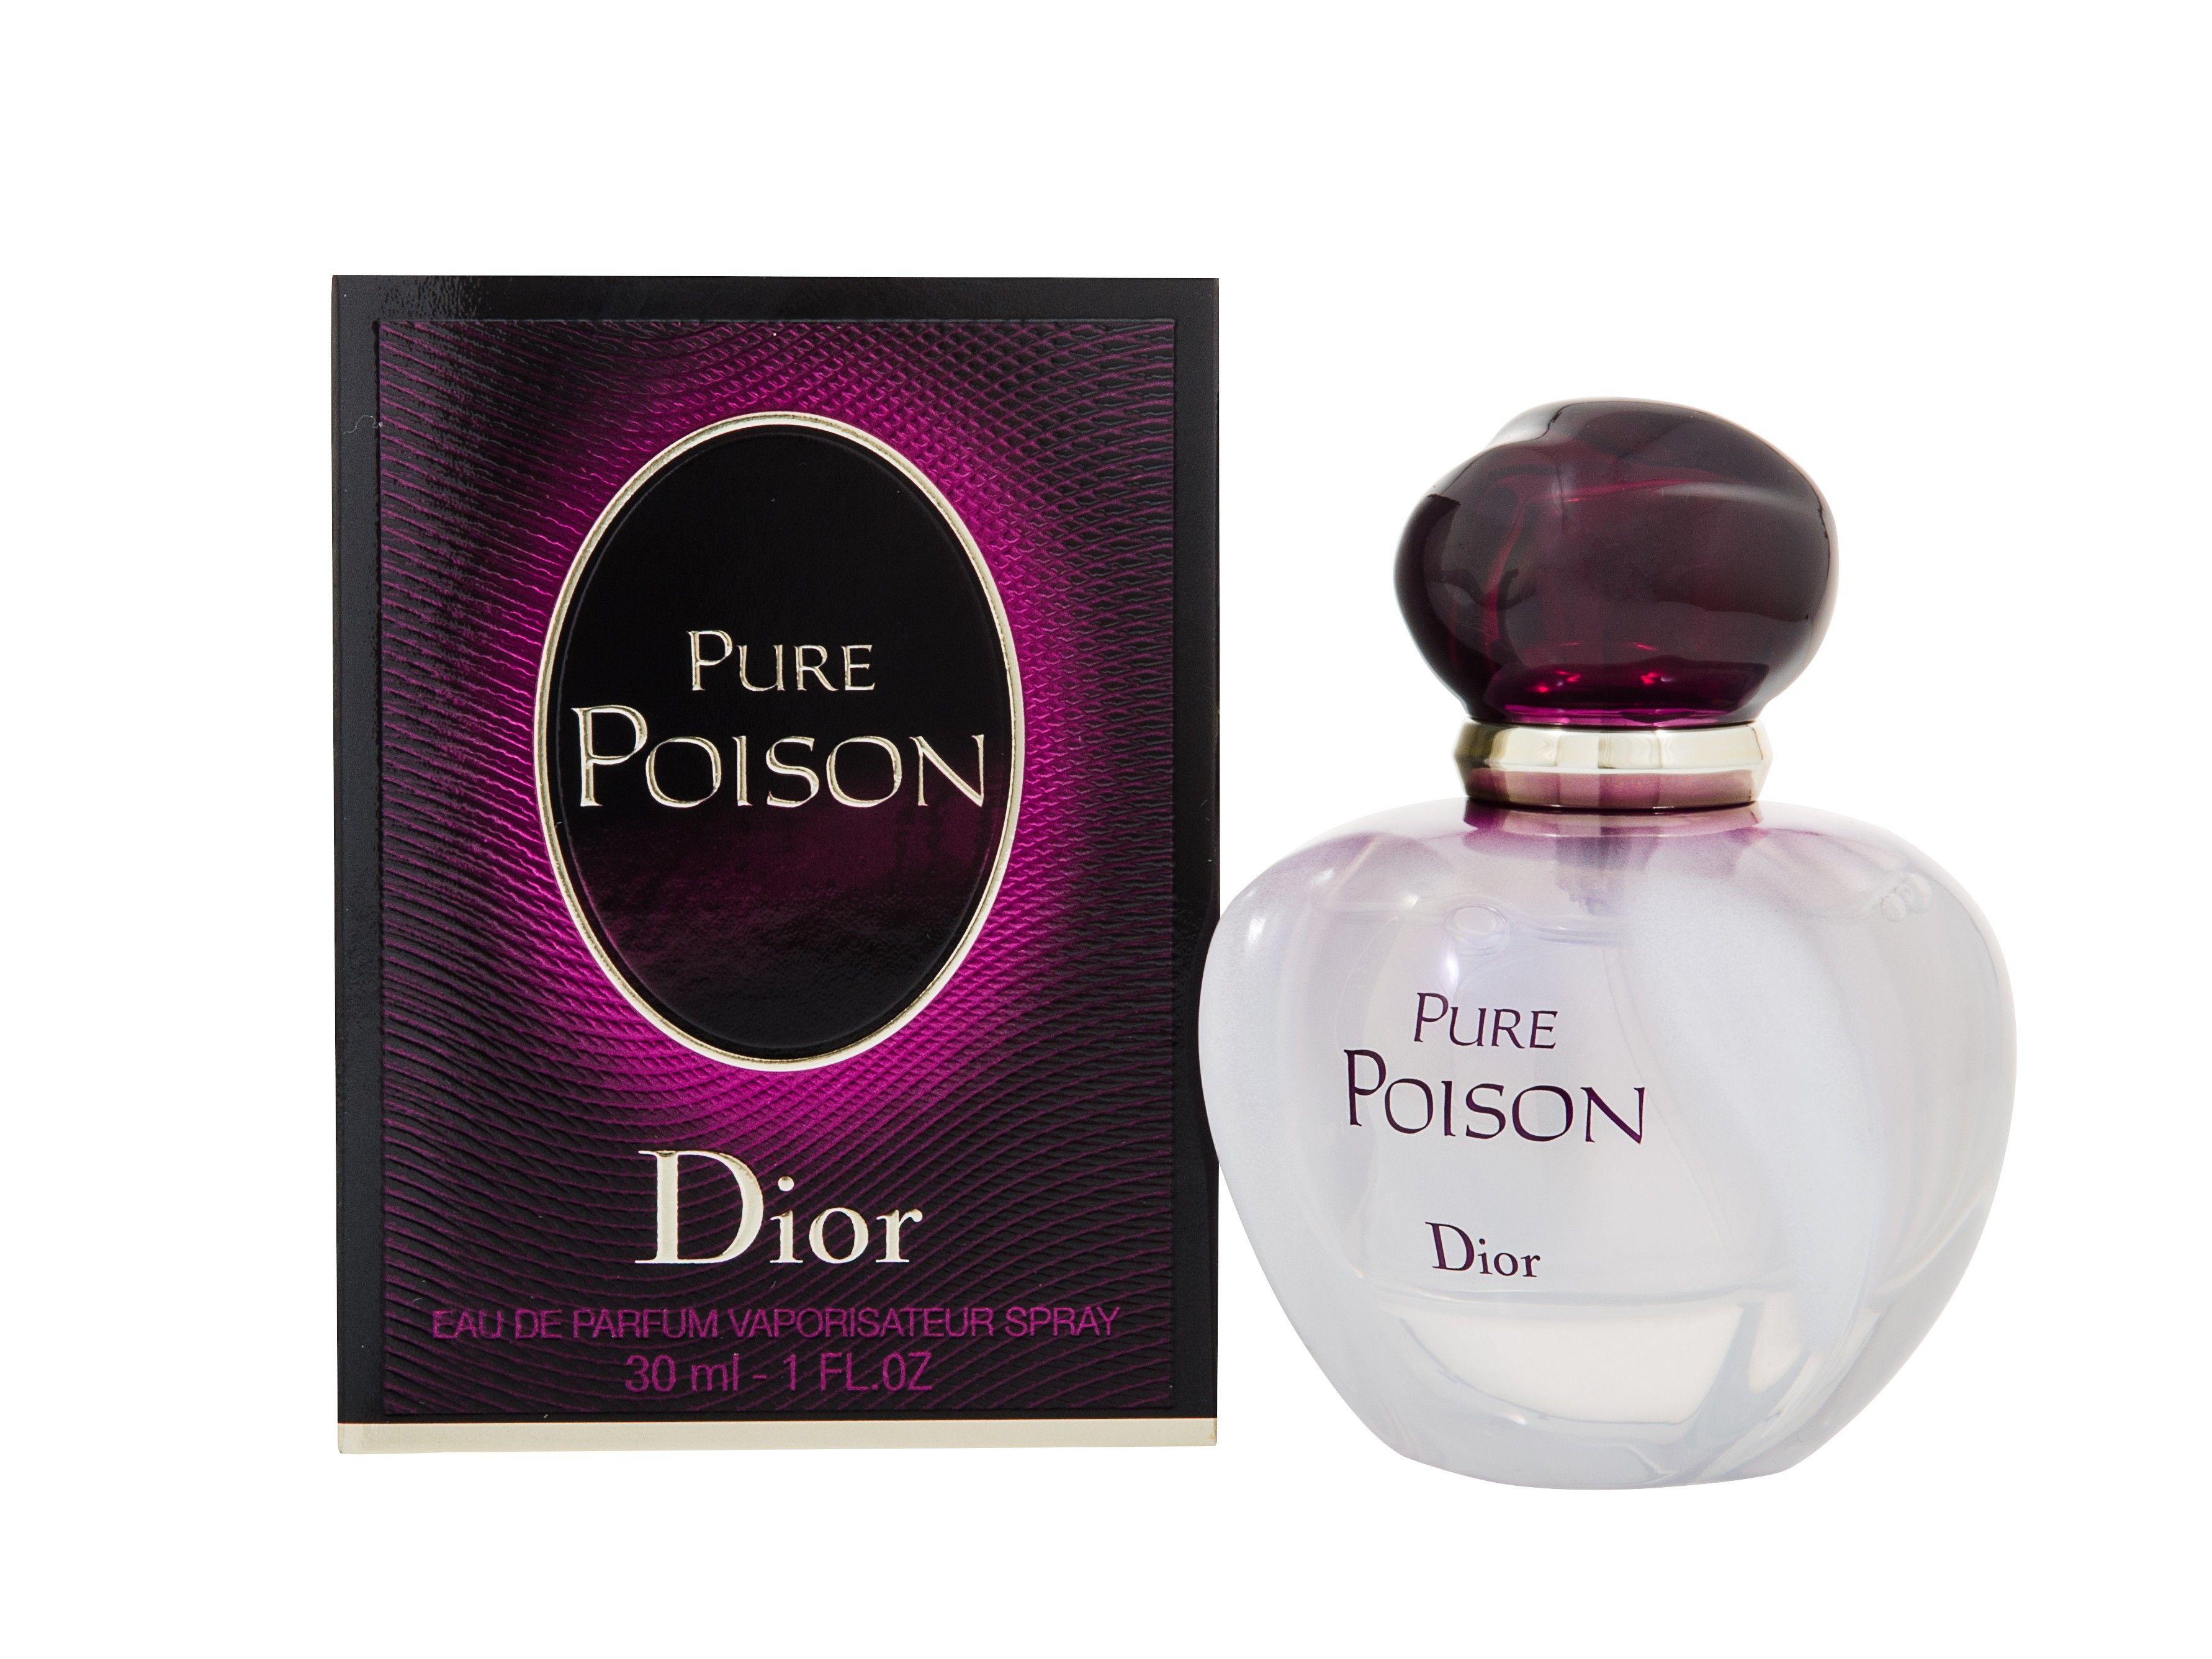 Christian Dior - Pure Poison Eau De Parfum 30ml Spray Pour Femme ... 3d431e82a0c5